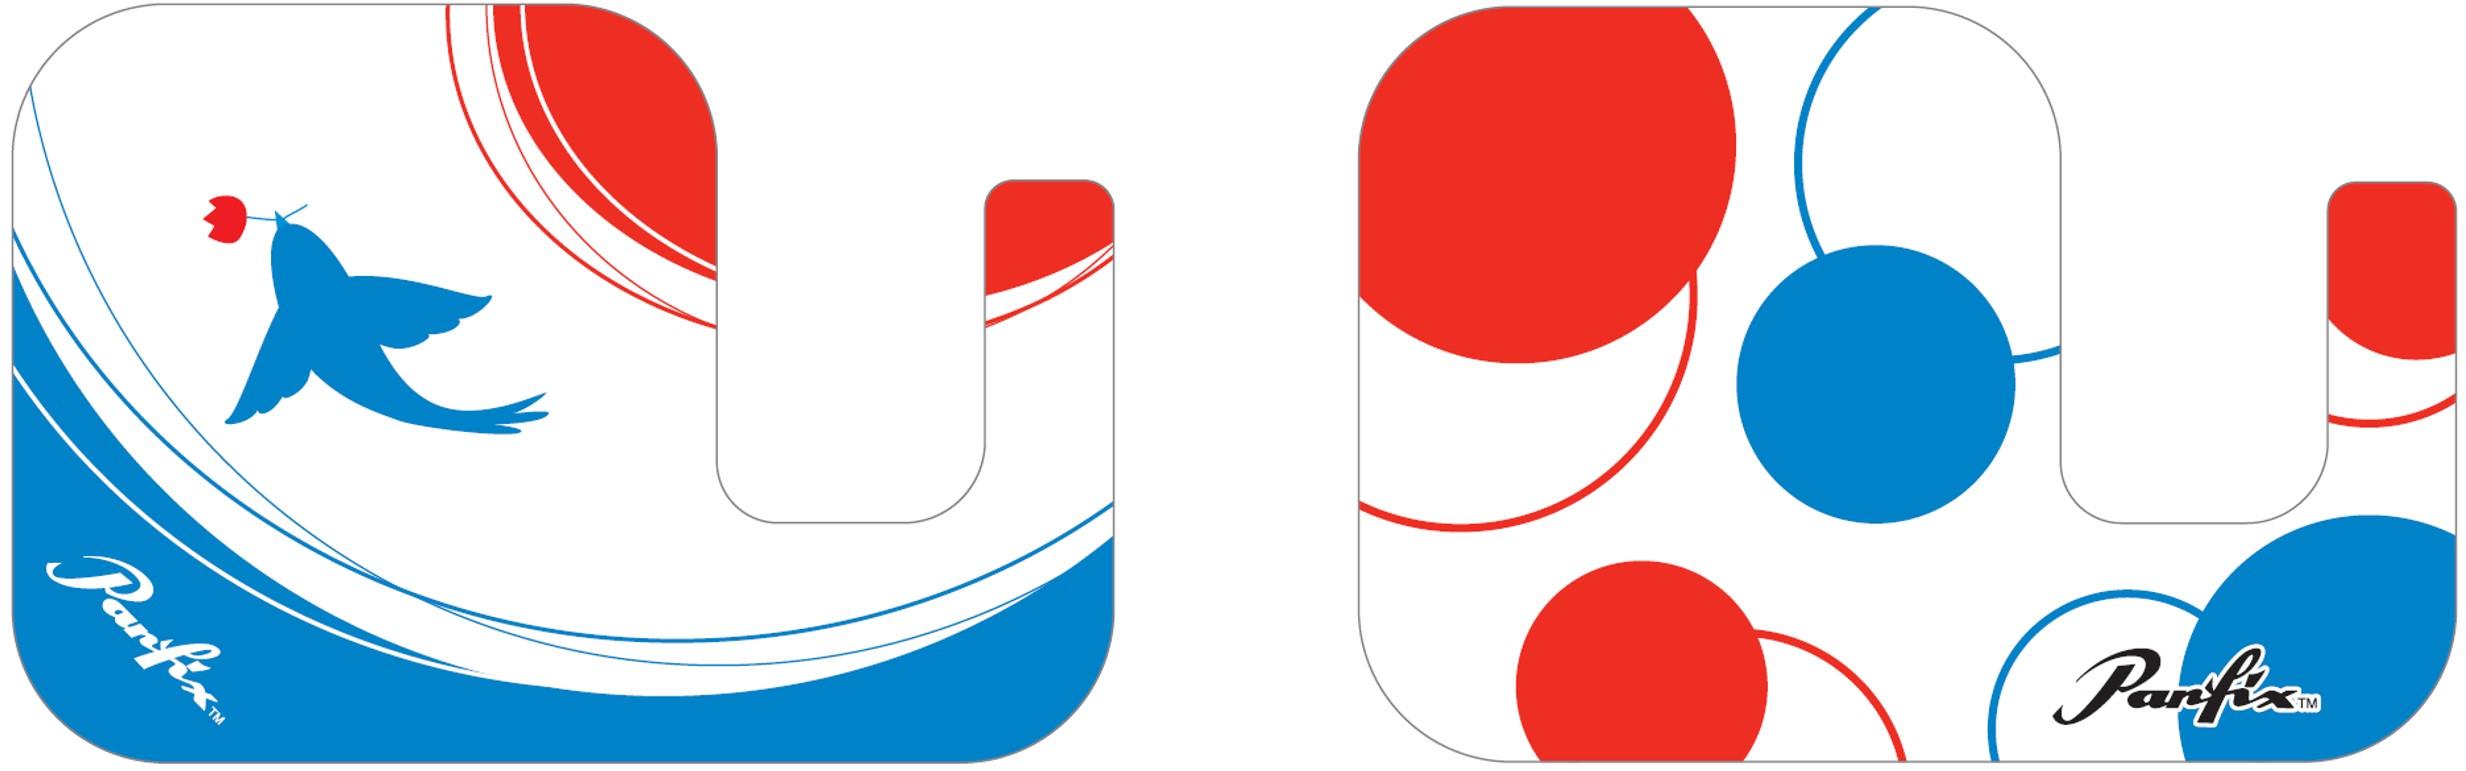 The Panfix colour series